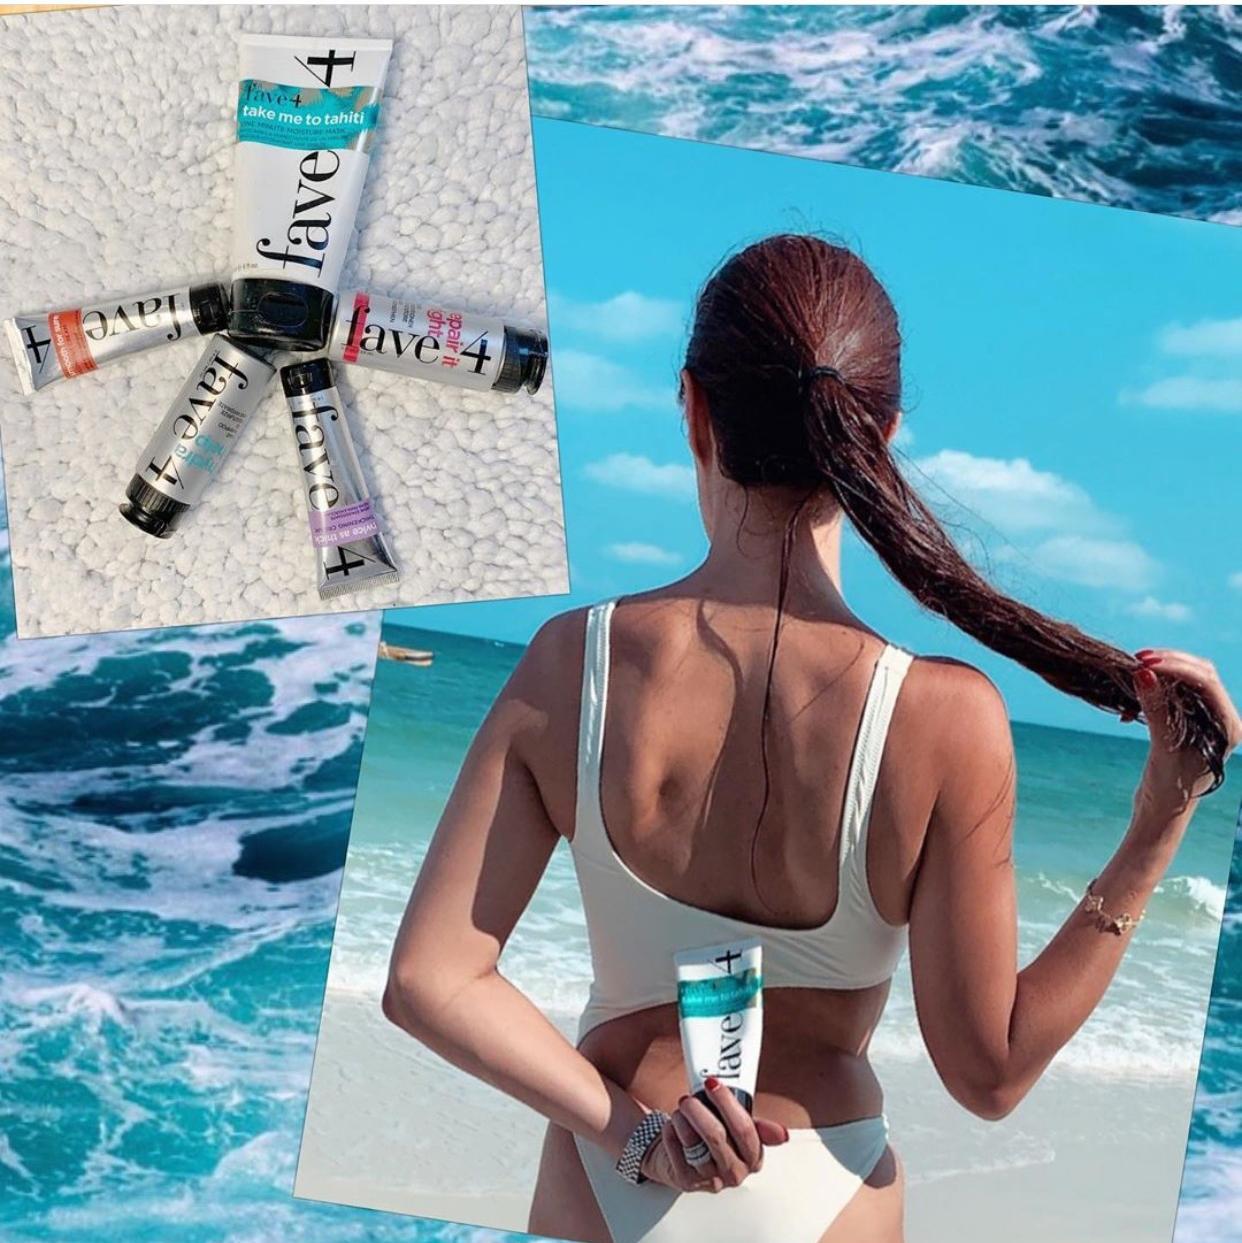 7981f5f09a4b5 Sally Beauty : Hair Color, Hair Care, Beauty, Nail, & Salon Supply